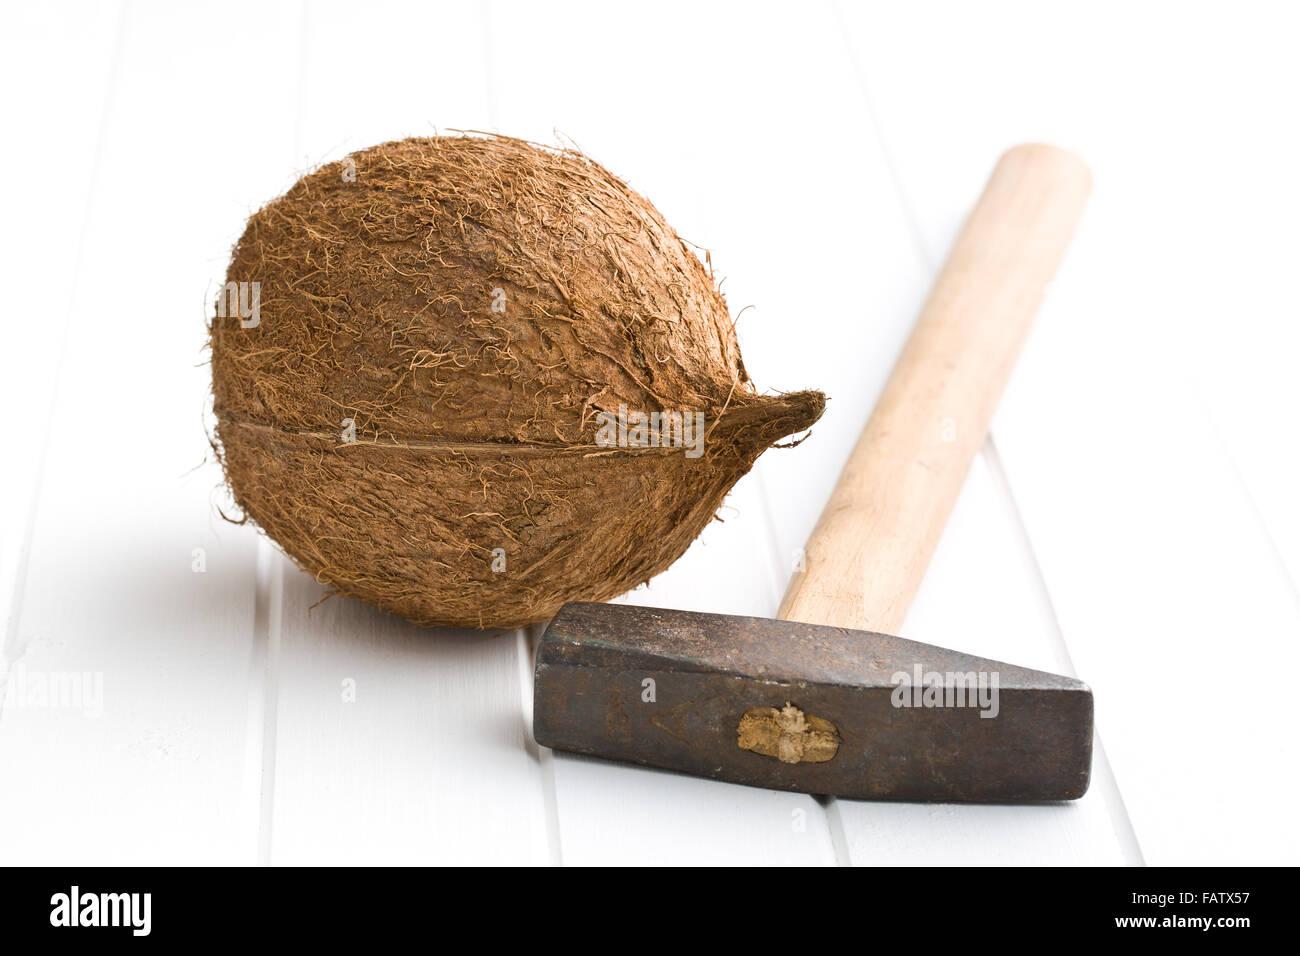 Tutto il noci di cocco e un martello sul tavolo bianco Immagini Stock